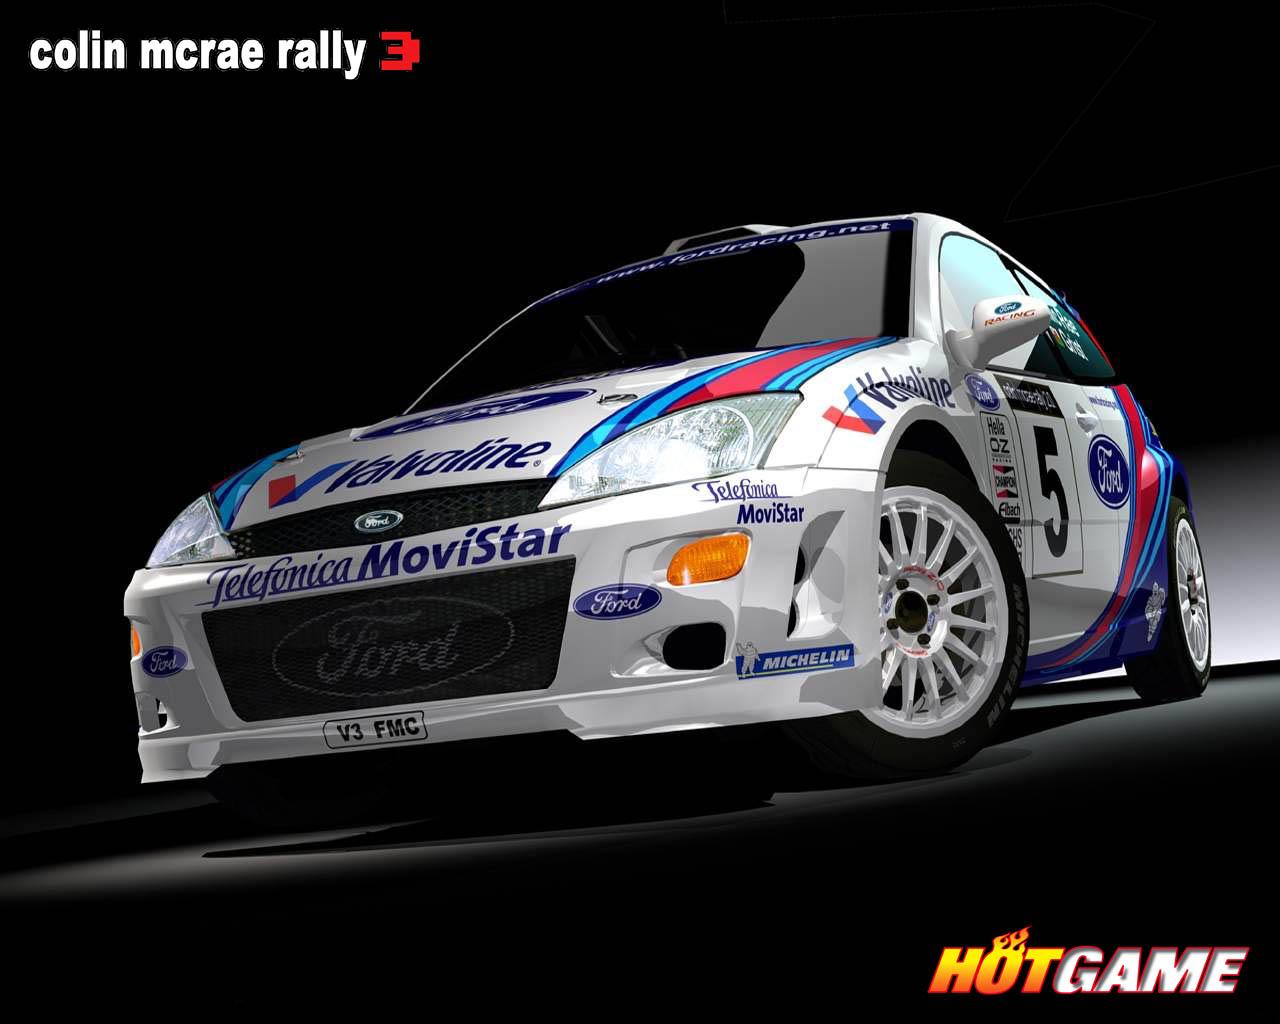 http://1.bp.blogspot.com/-XEAFcagKuZo/UTWpmLjmhtI/AAAAAAAABHk/Ef6HP2yipq8/s1600/Colin+Mcrae+Rally+3.jpg